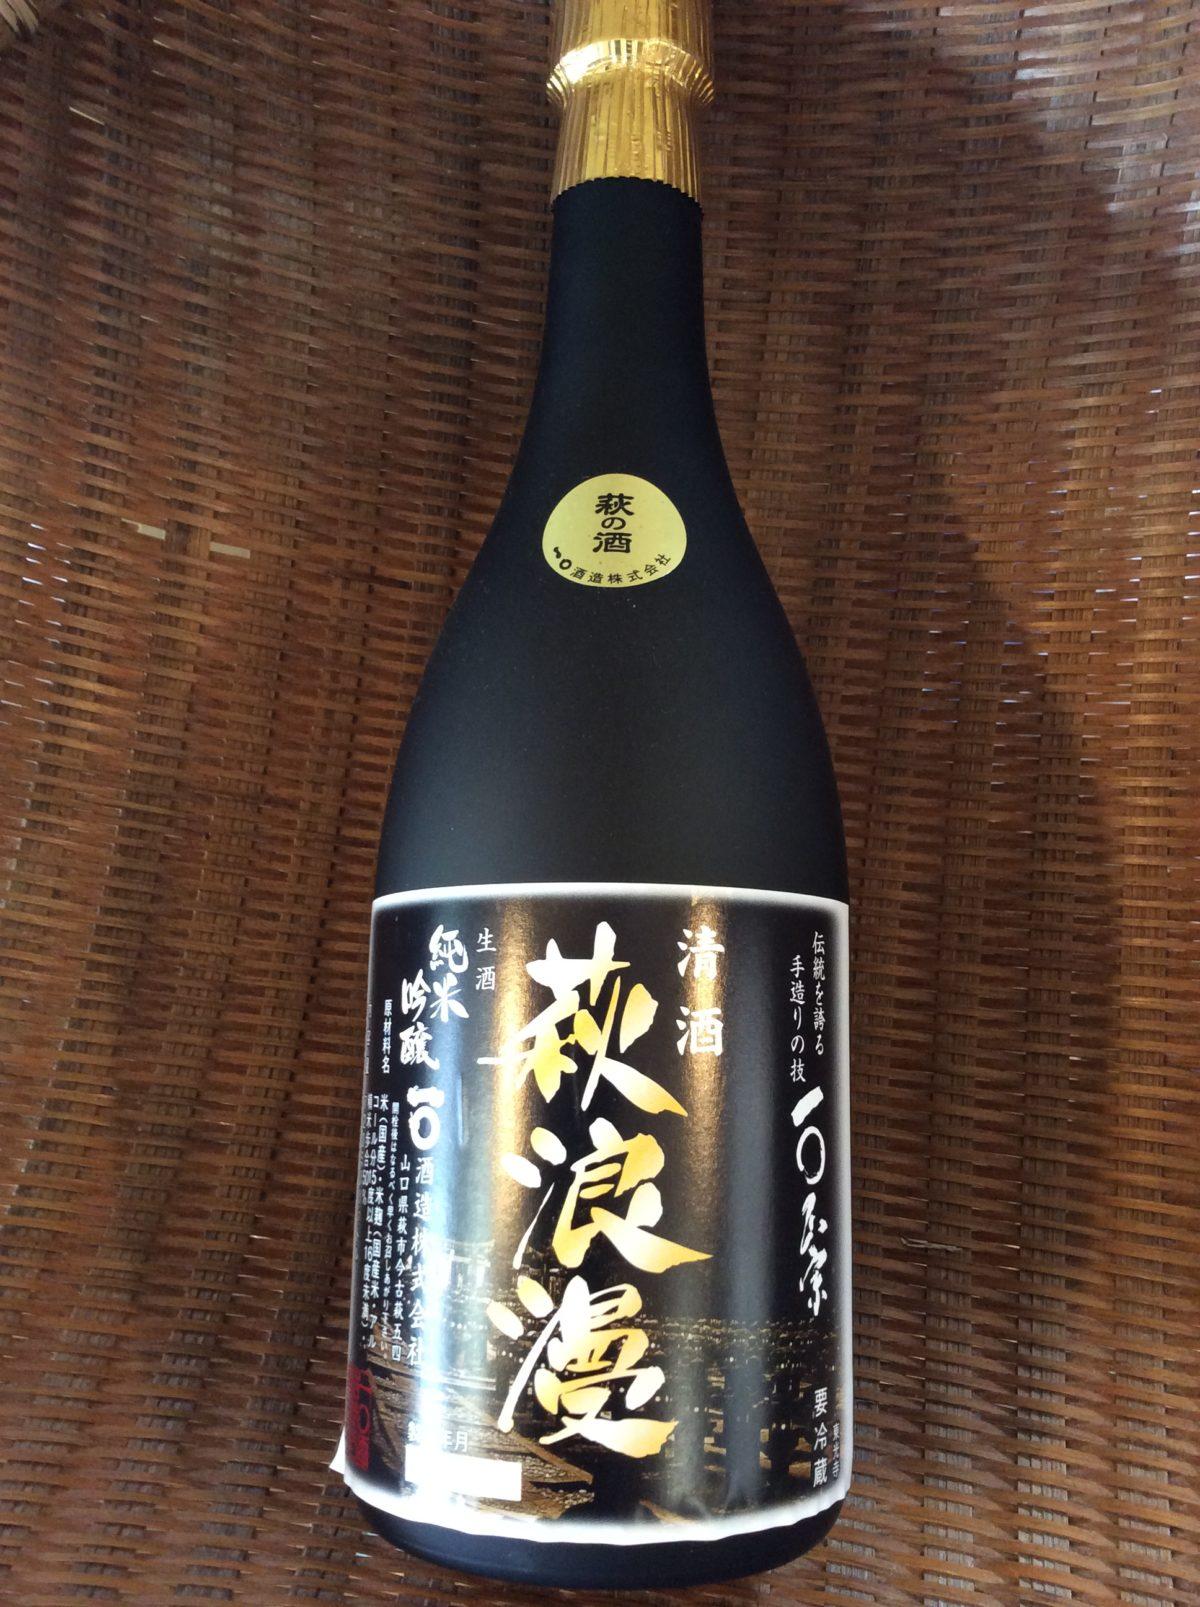 萩浪漫 純米吟醸 720ml